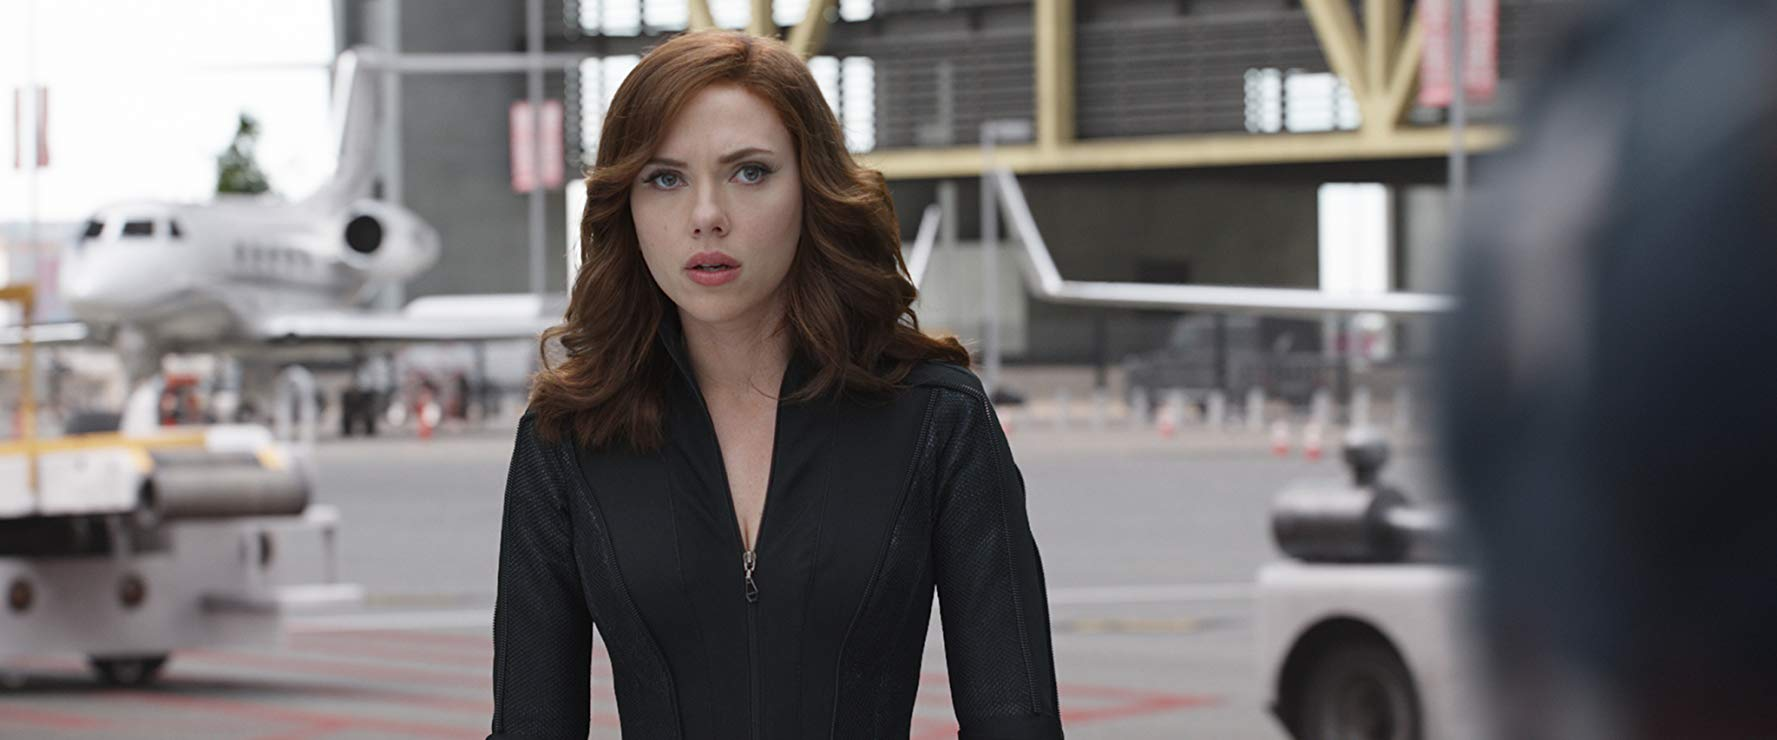 스칼렛 요한슨 Scarlett Johansson / 나타샤 로마노프/블랙 위도우 Natasha Romanoff/Black Widow